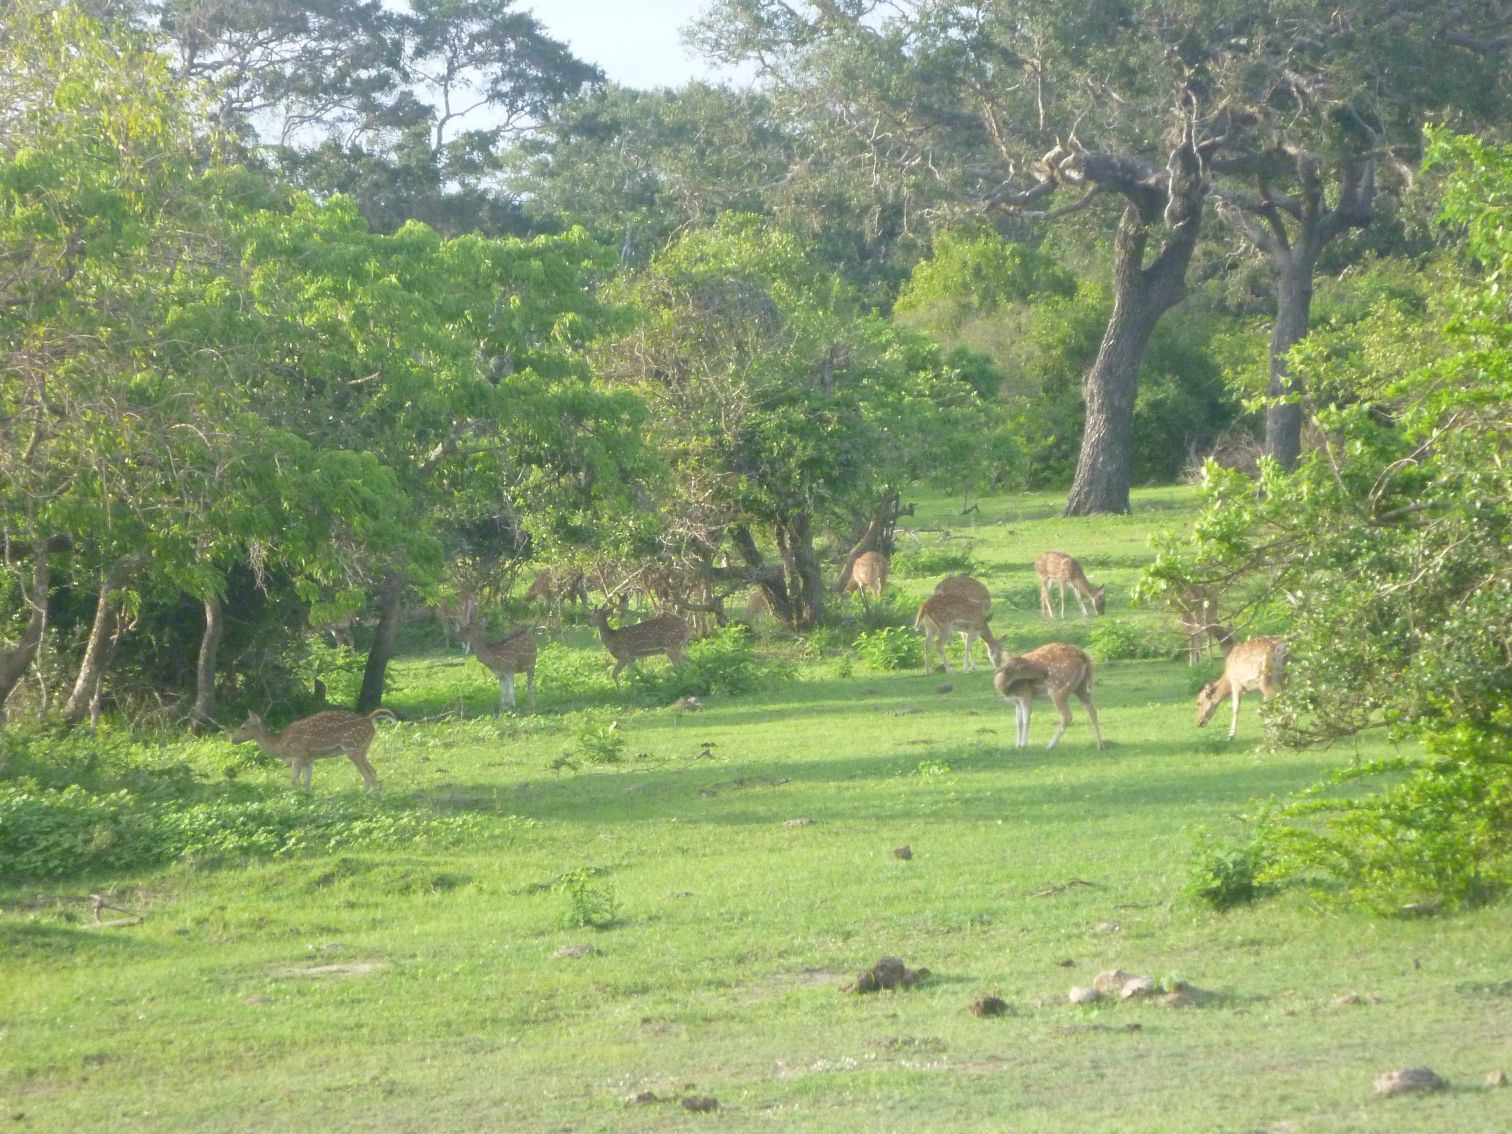 Zwierzęta w parku